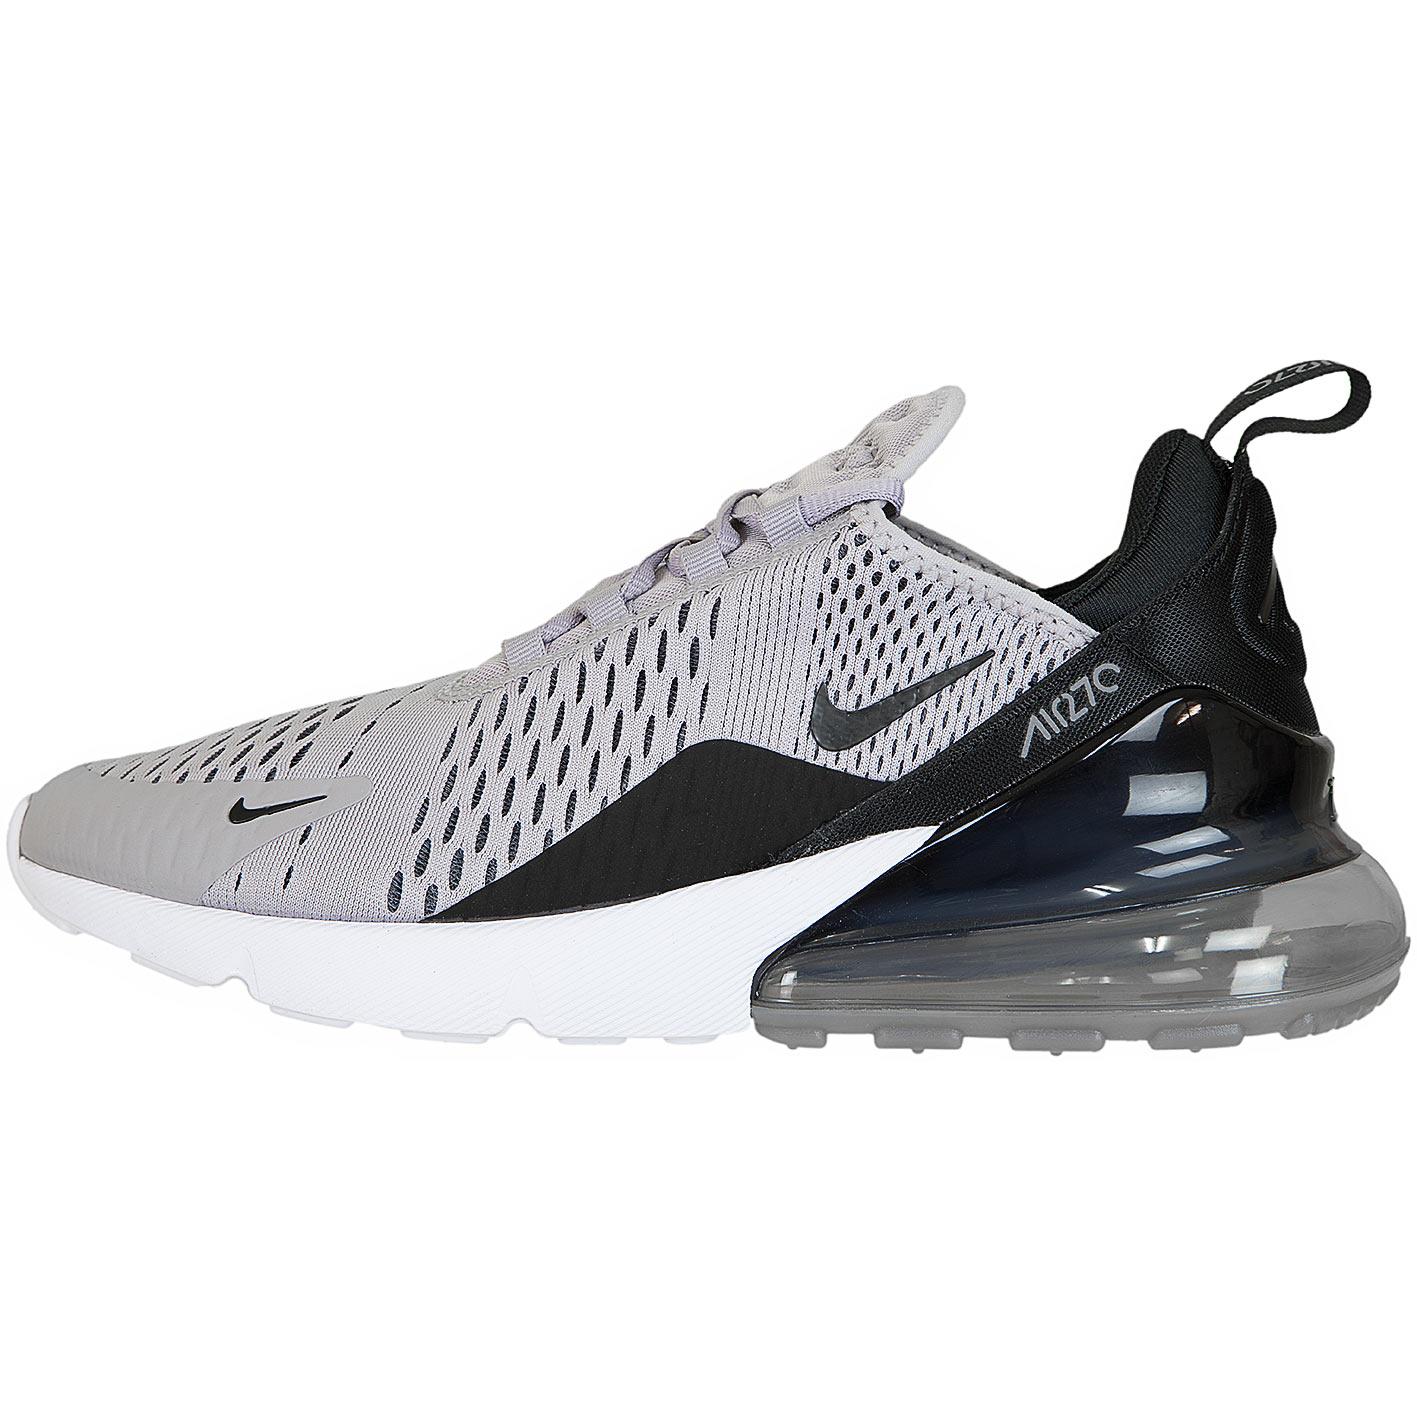 detailed look 6a252 1ae0a ☆ Nike Damen Sneaker Air Max 270 grau/weiß - hier bestellen!